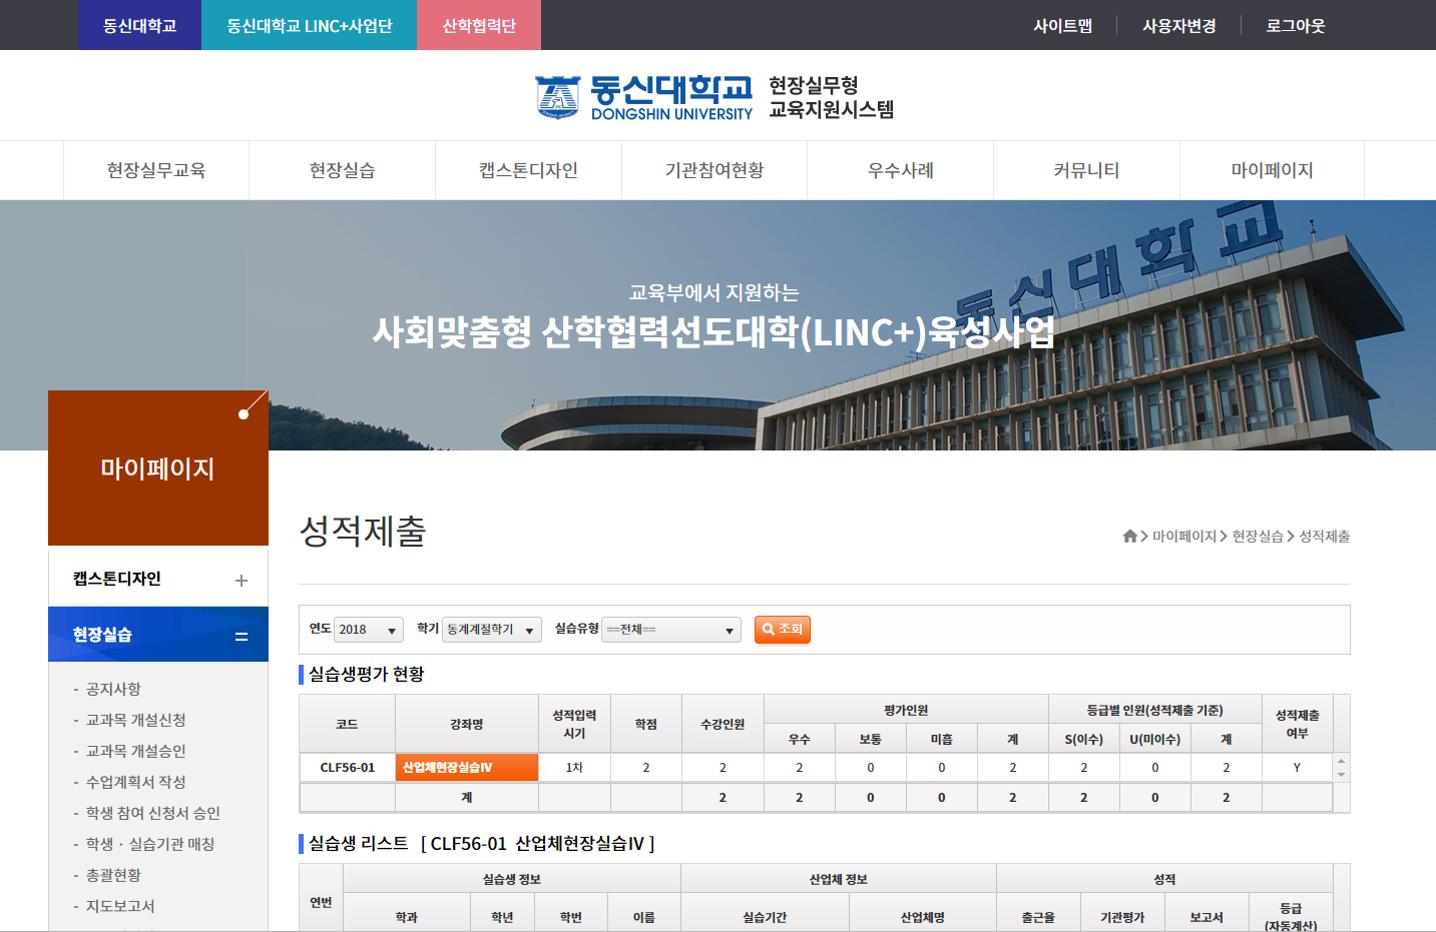 성과공유 및 개방을 위한 CRUISE Platform+ 구축 / 동신대학교